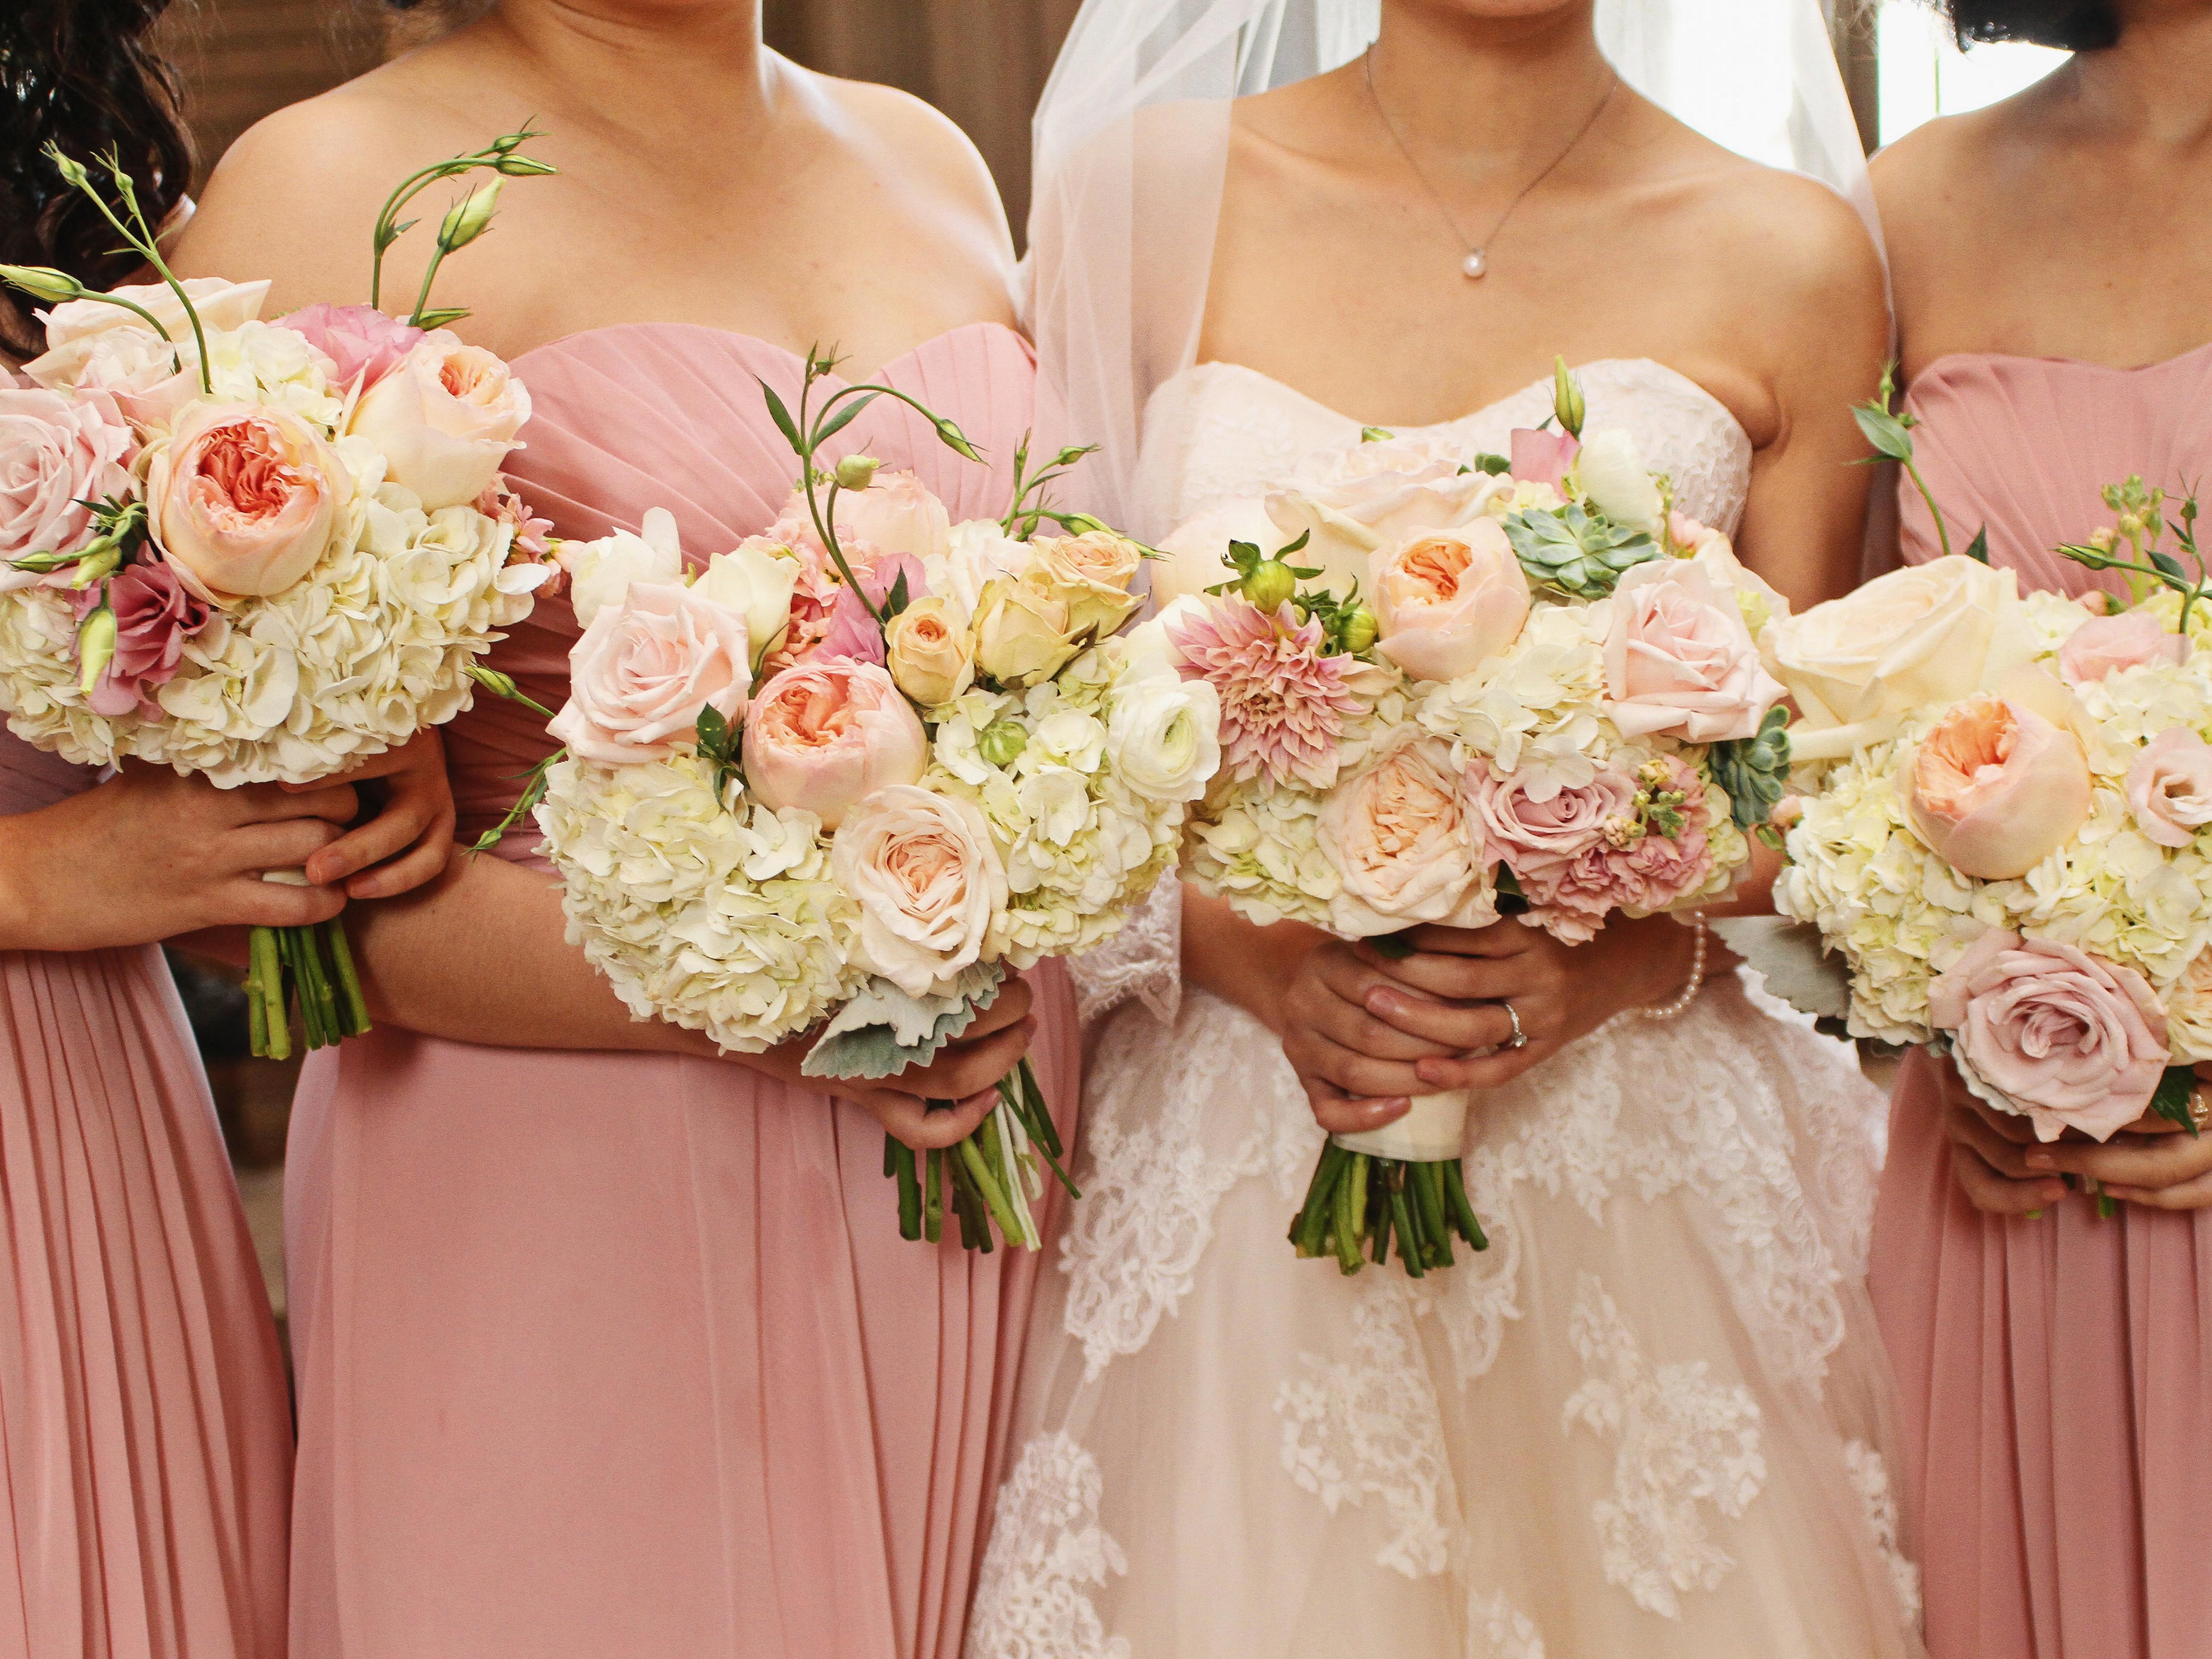 Xing + Mengchao | Garden Wedding Bliss - Grit + Gold Event